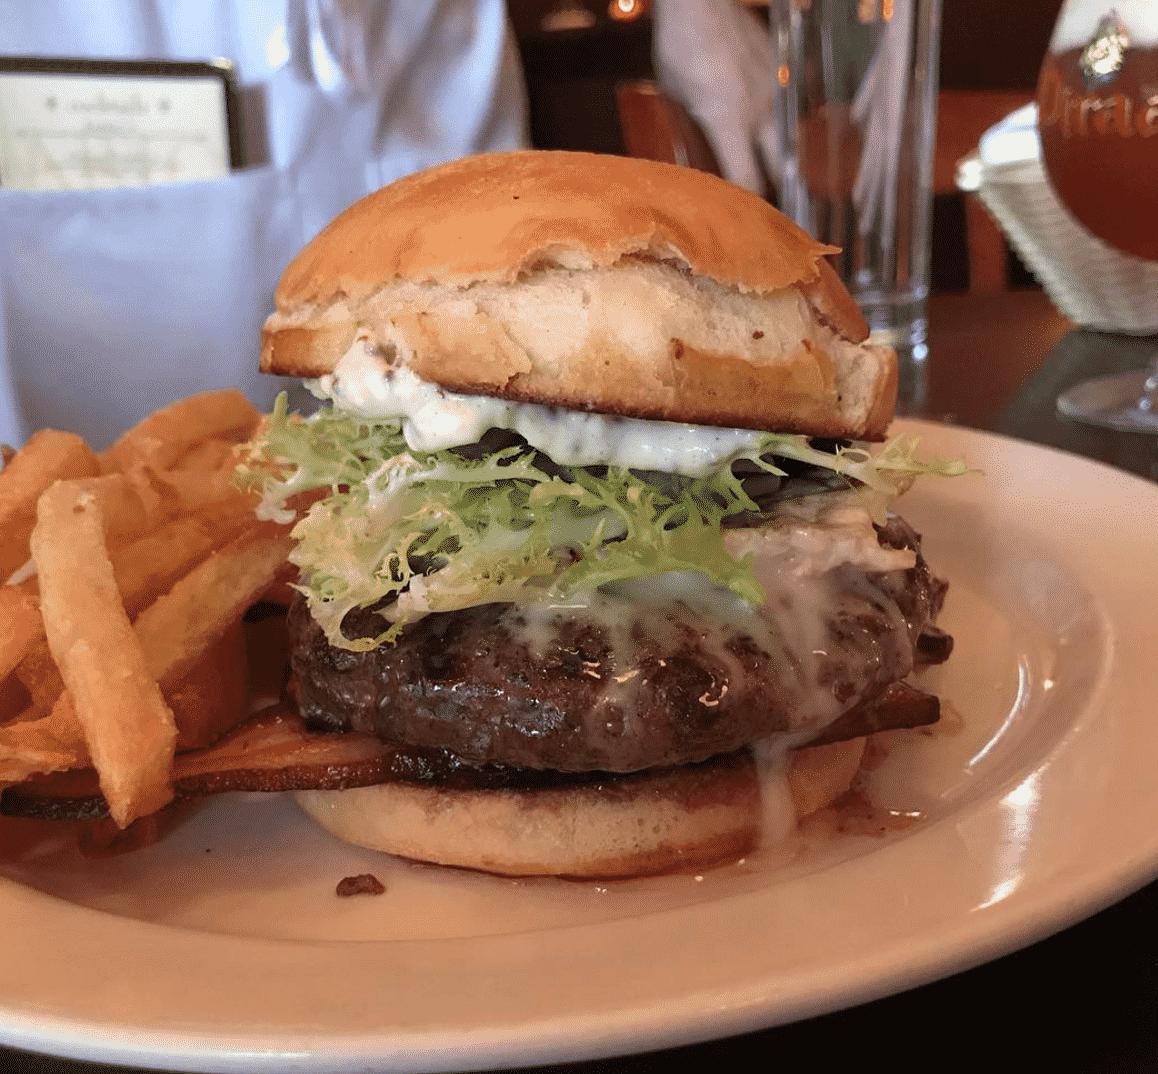 Burgers in Nebraska